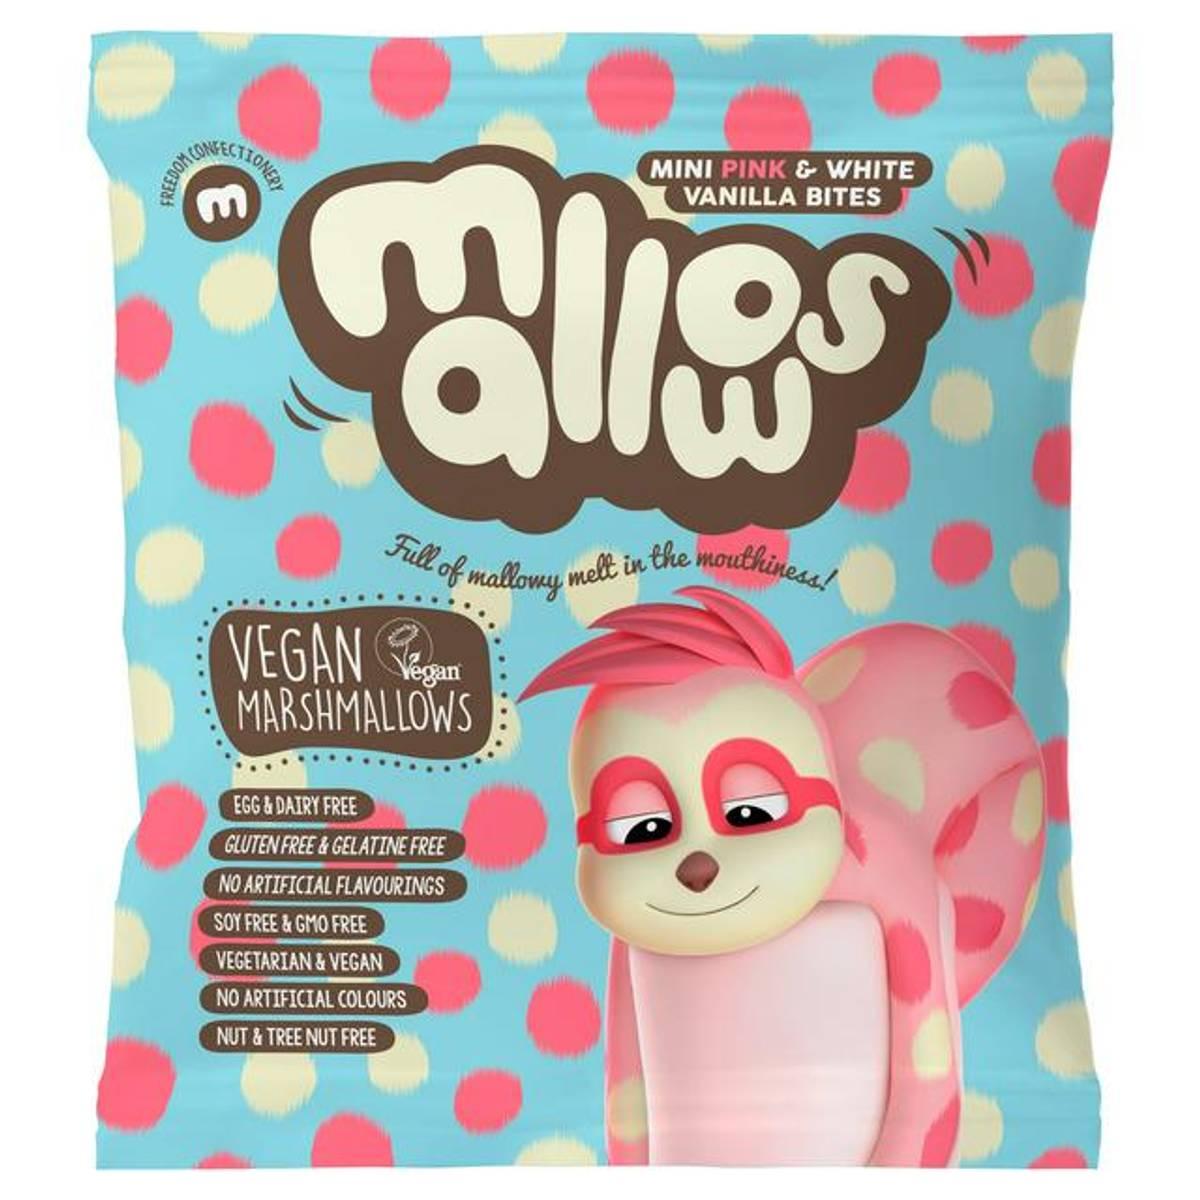 Pink & White minimarshmallows 75 g / Mallows